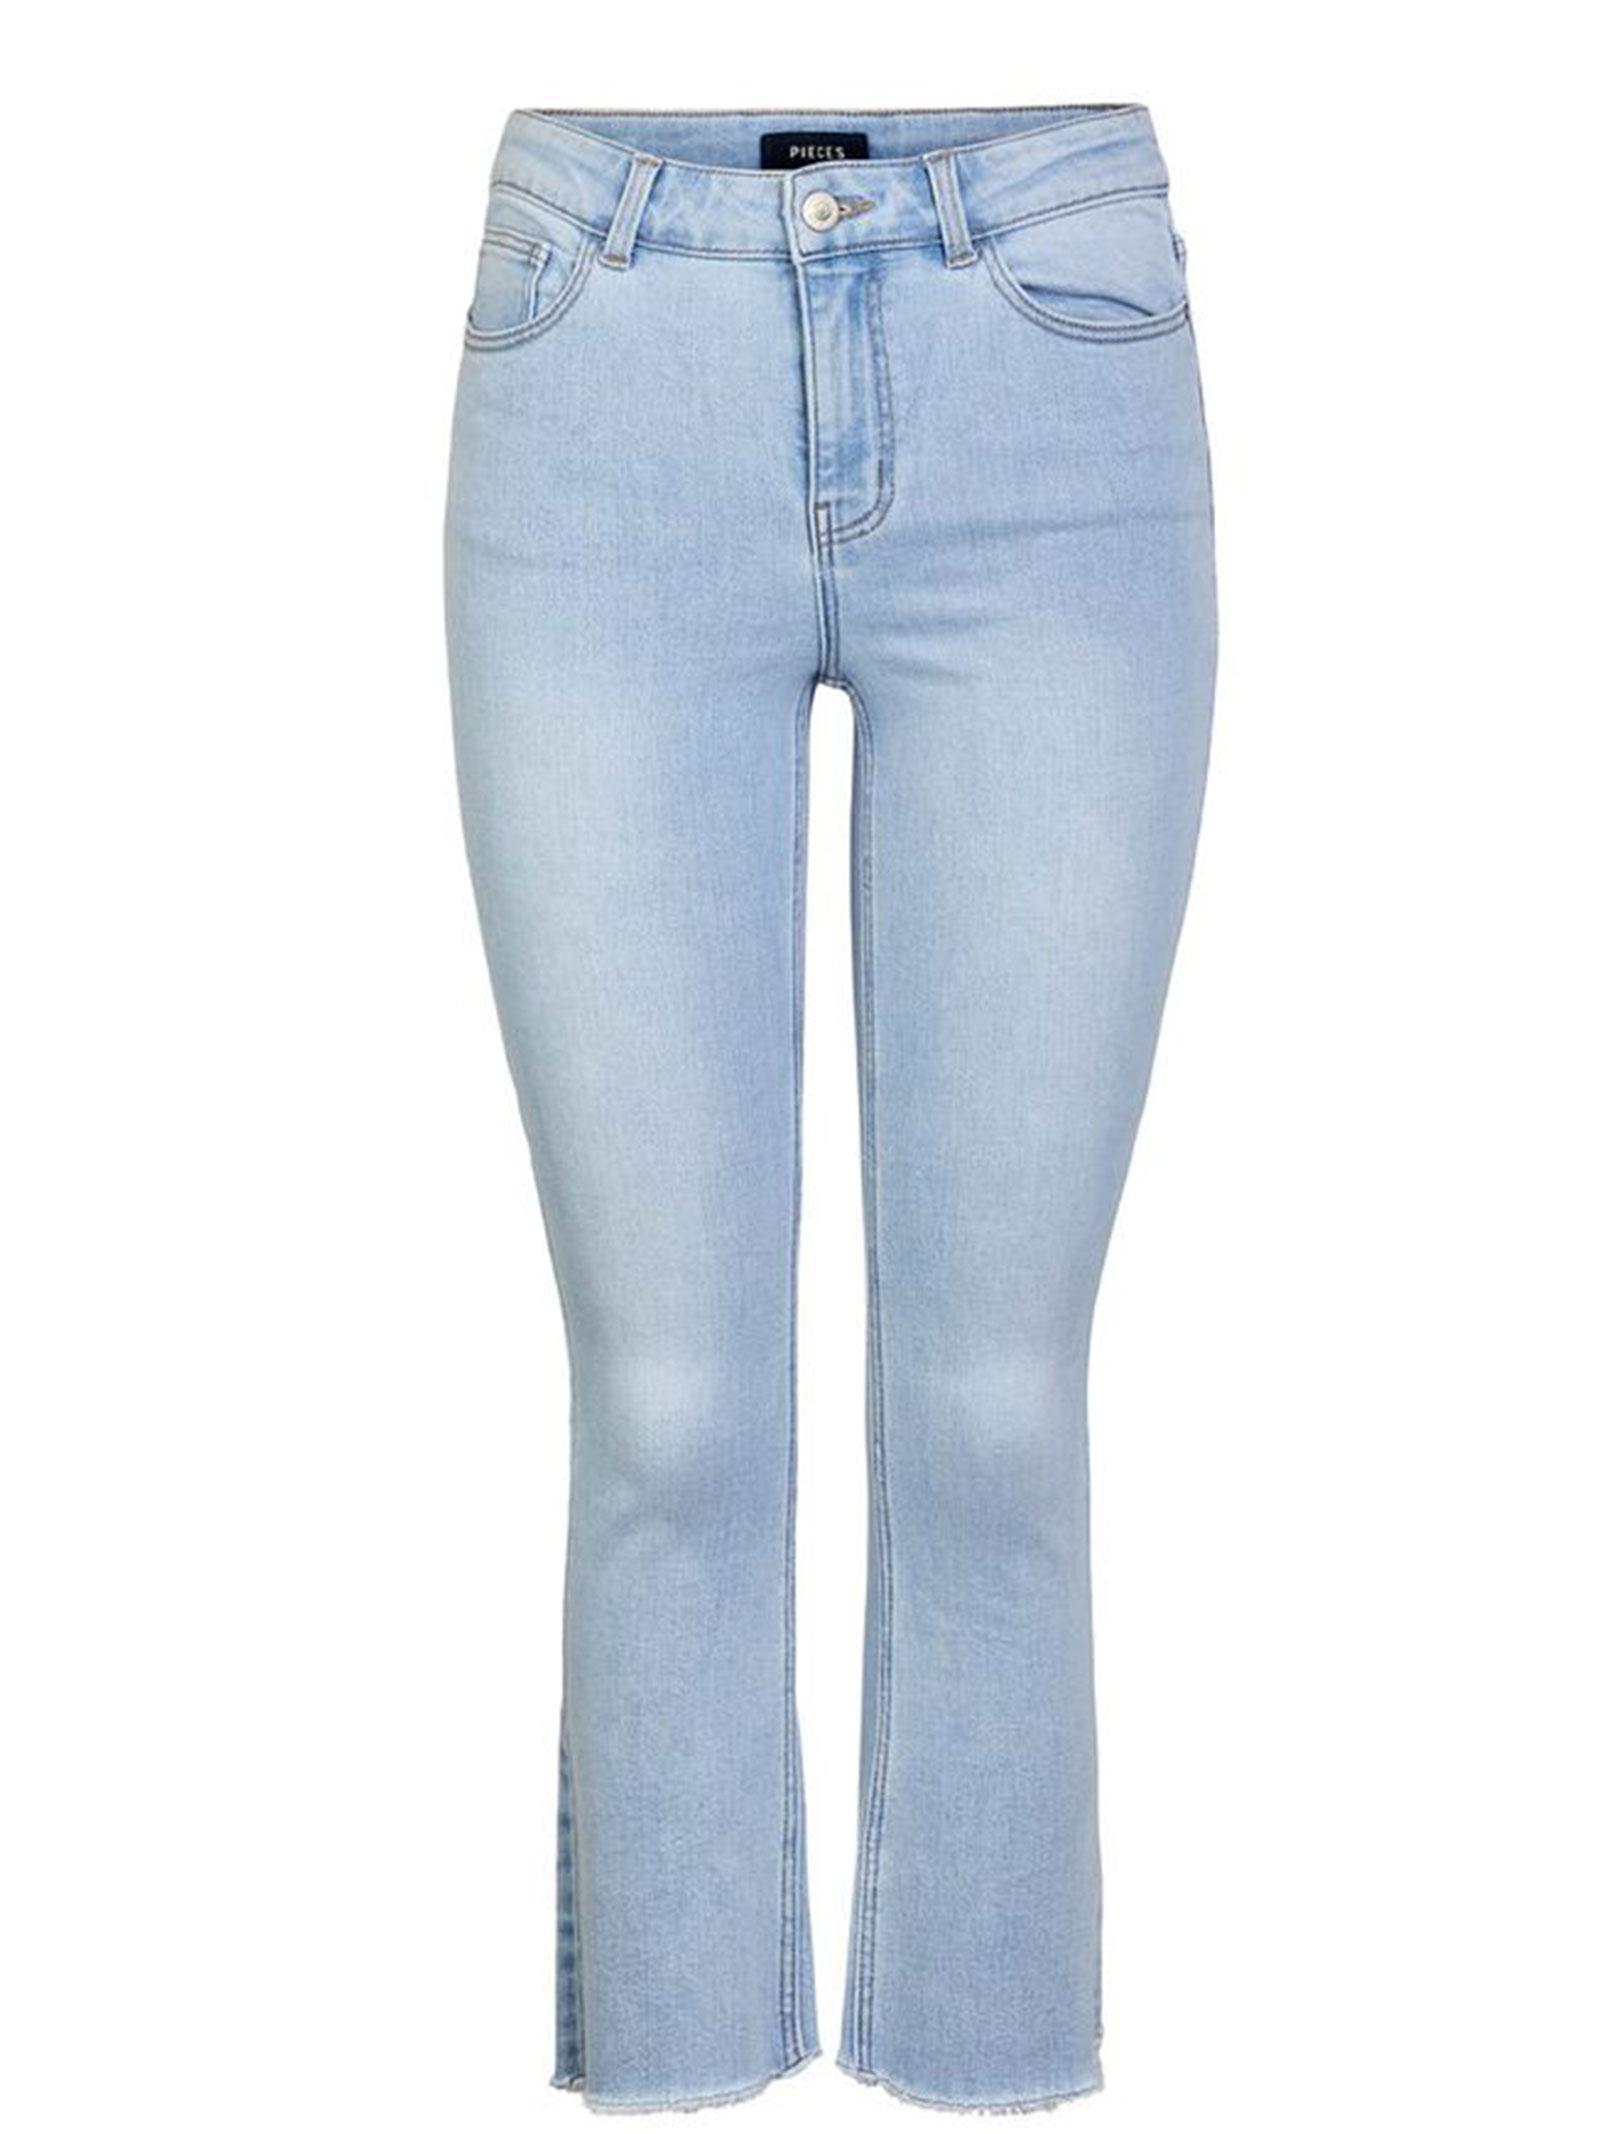 JEANS PIECES | Jeans | 17102195JEANS